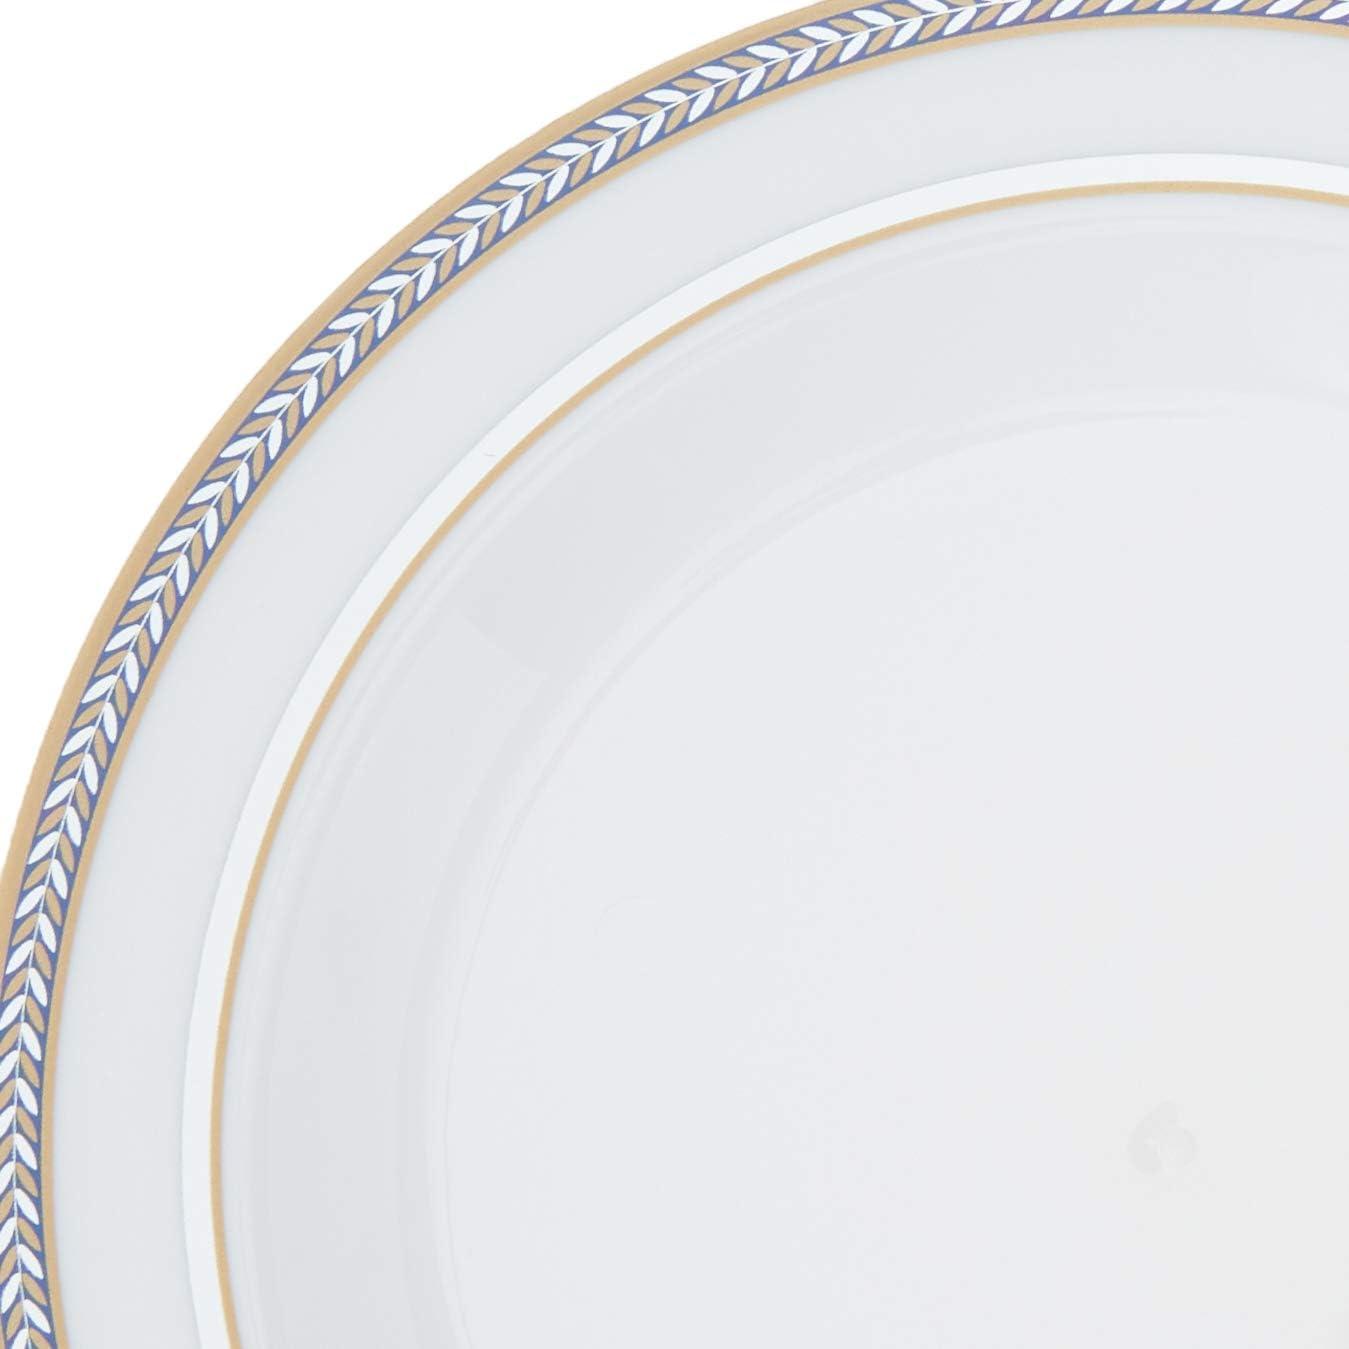 Elegante Aspecto de Porcelana Ensalada y 20 Platos de Postre Silver Spoons 1913 VAJILLA DESECHABLE pl/ástico Resistentes Colecci/ón Renaissance-Rojo Incluye Grandes